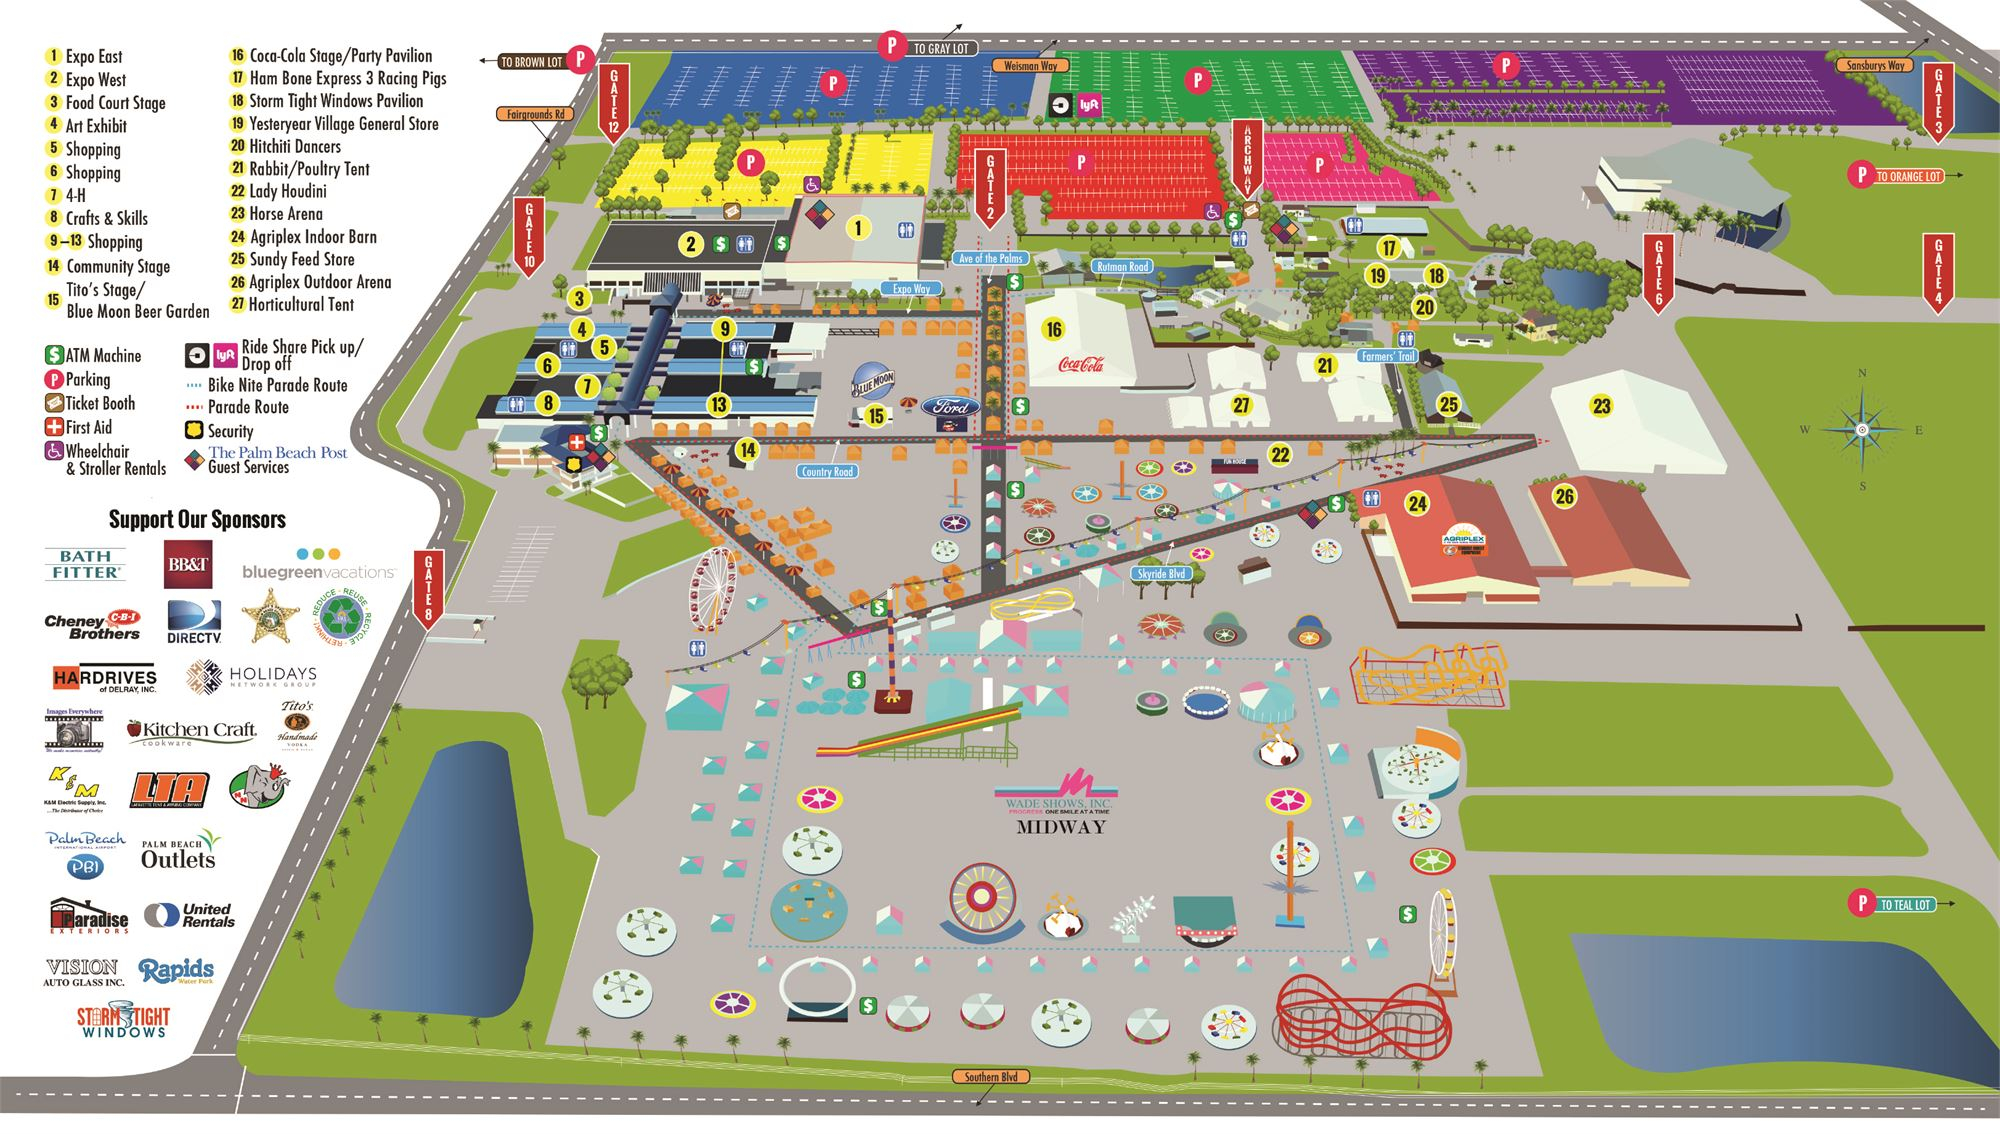 South Florida Fairgrounds Map | Florida Map 2018 Inside Events South Florida Fair Grounds